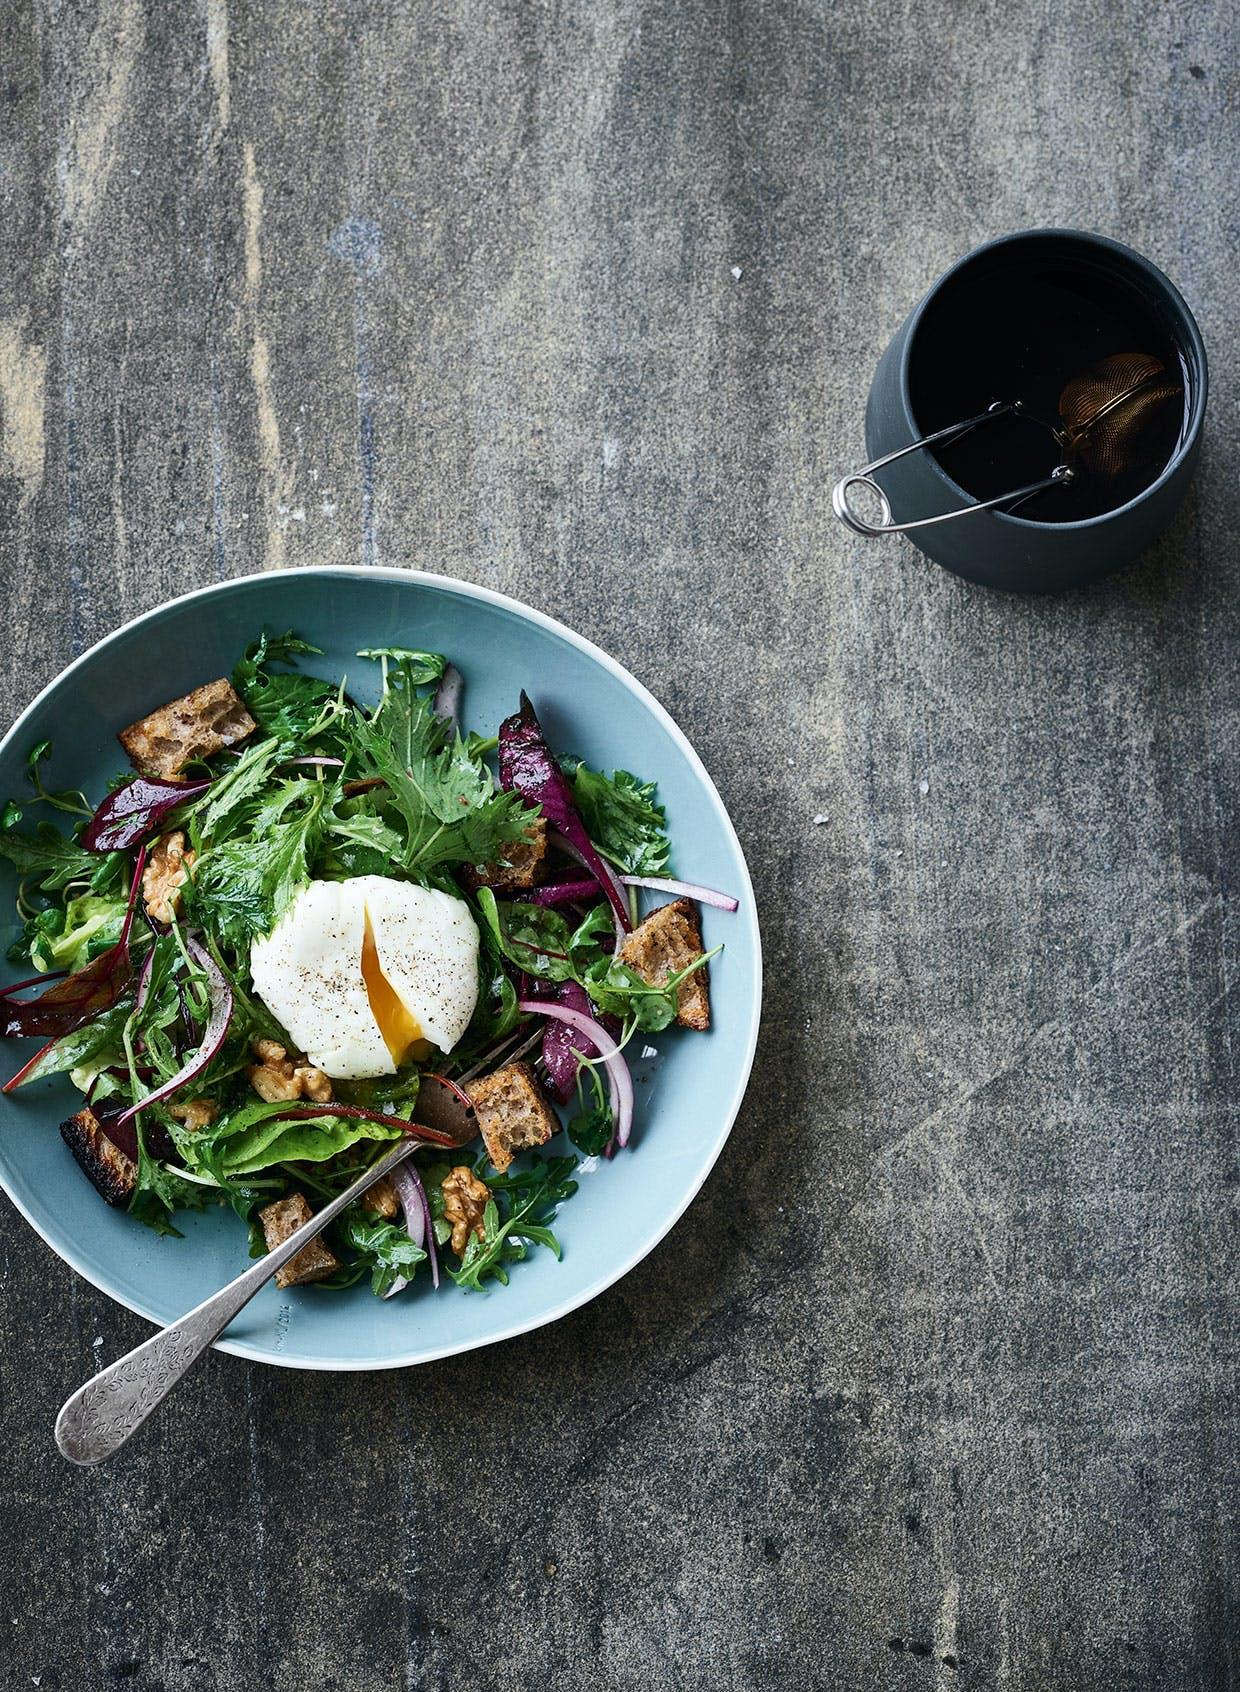 morgenmadssalat pocheret æg surdejscroutoner